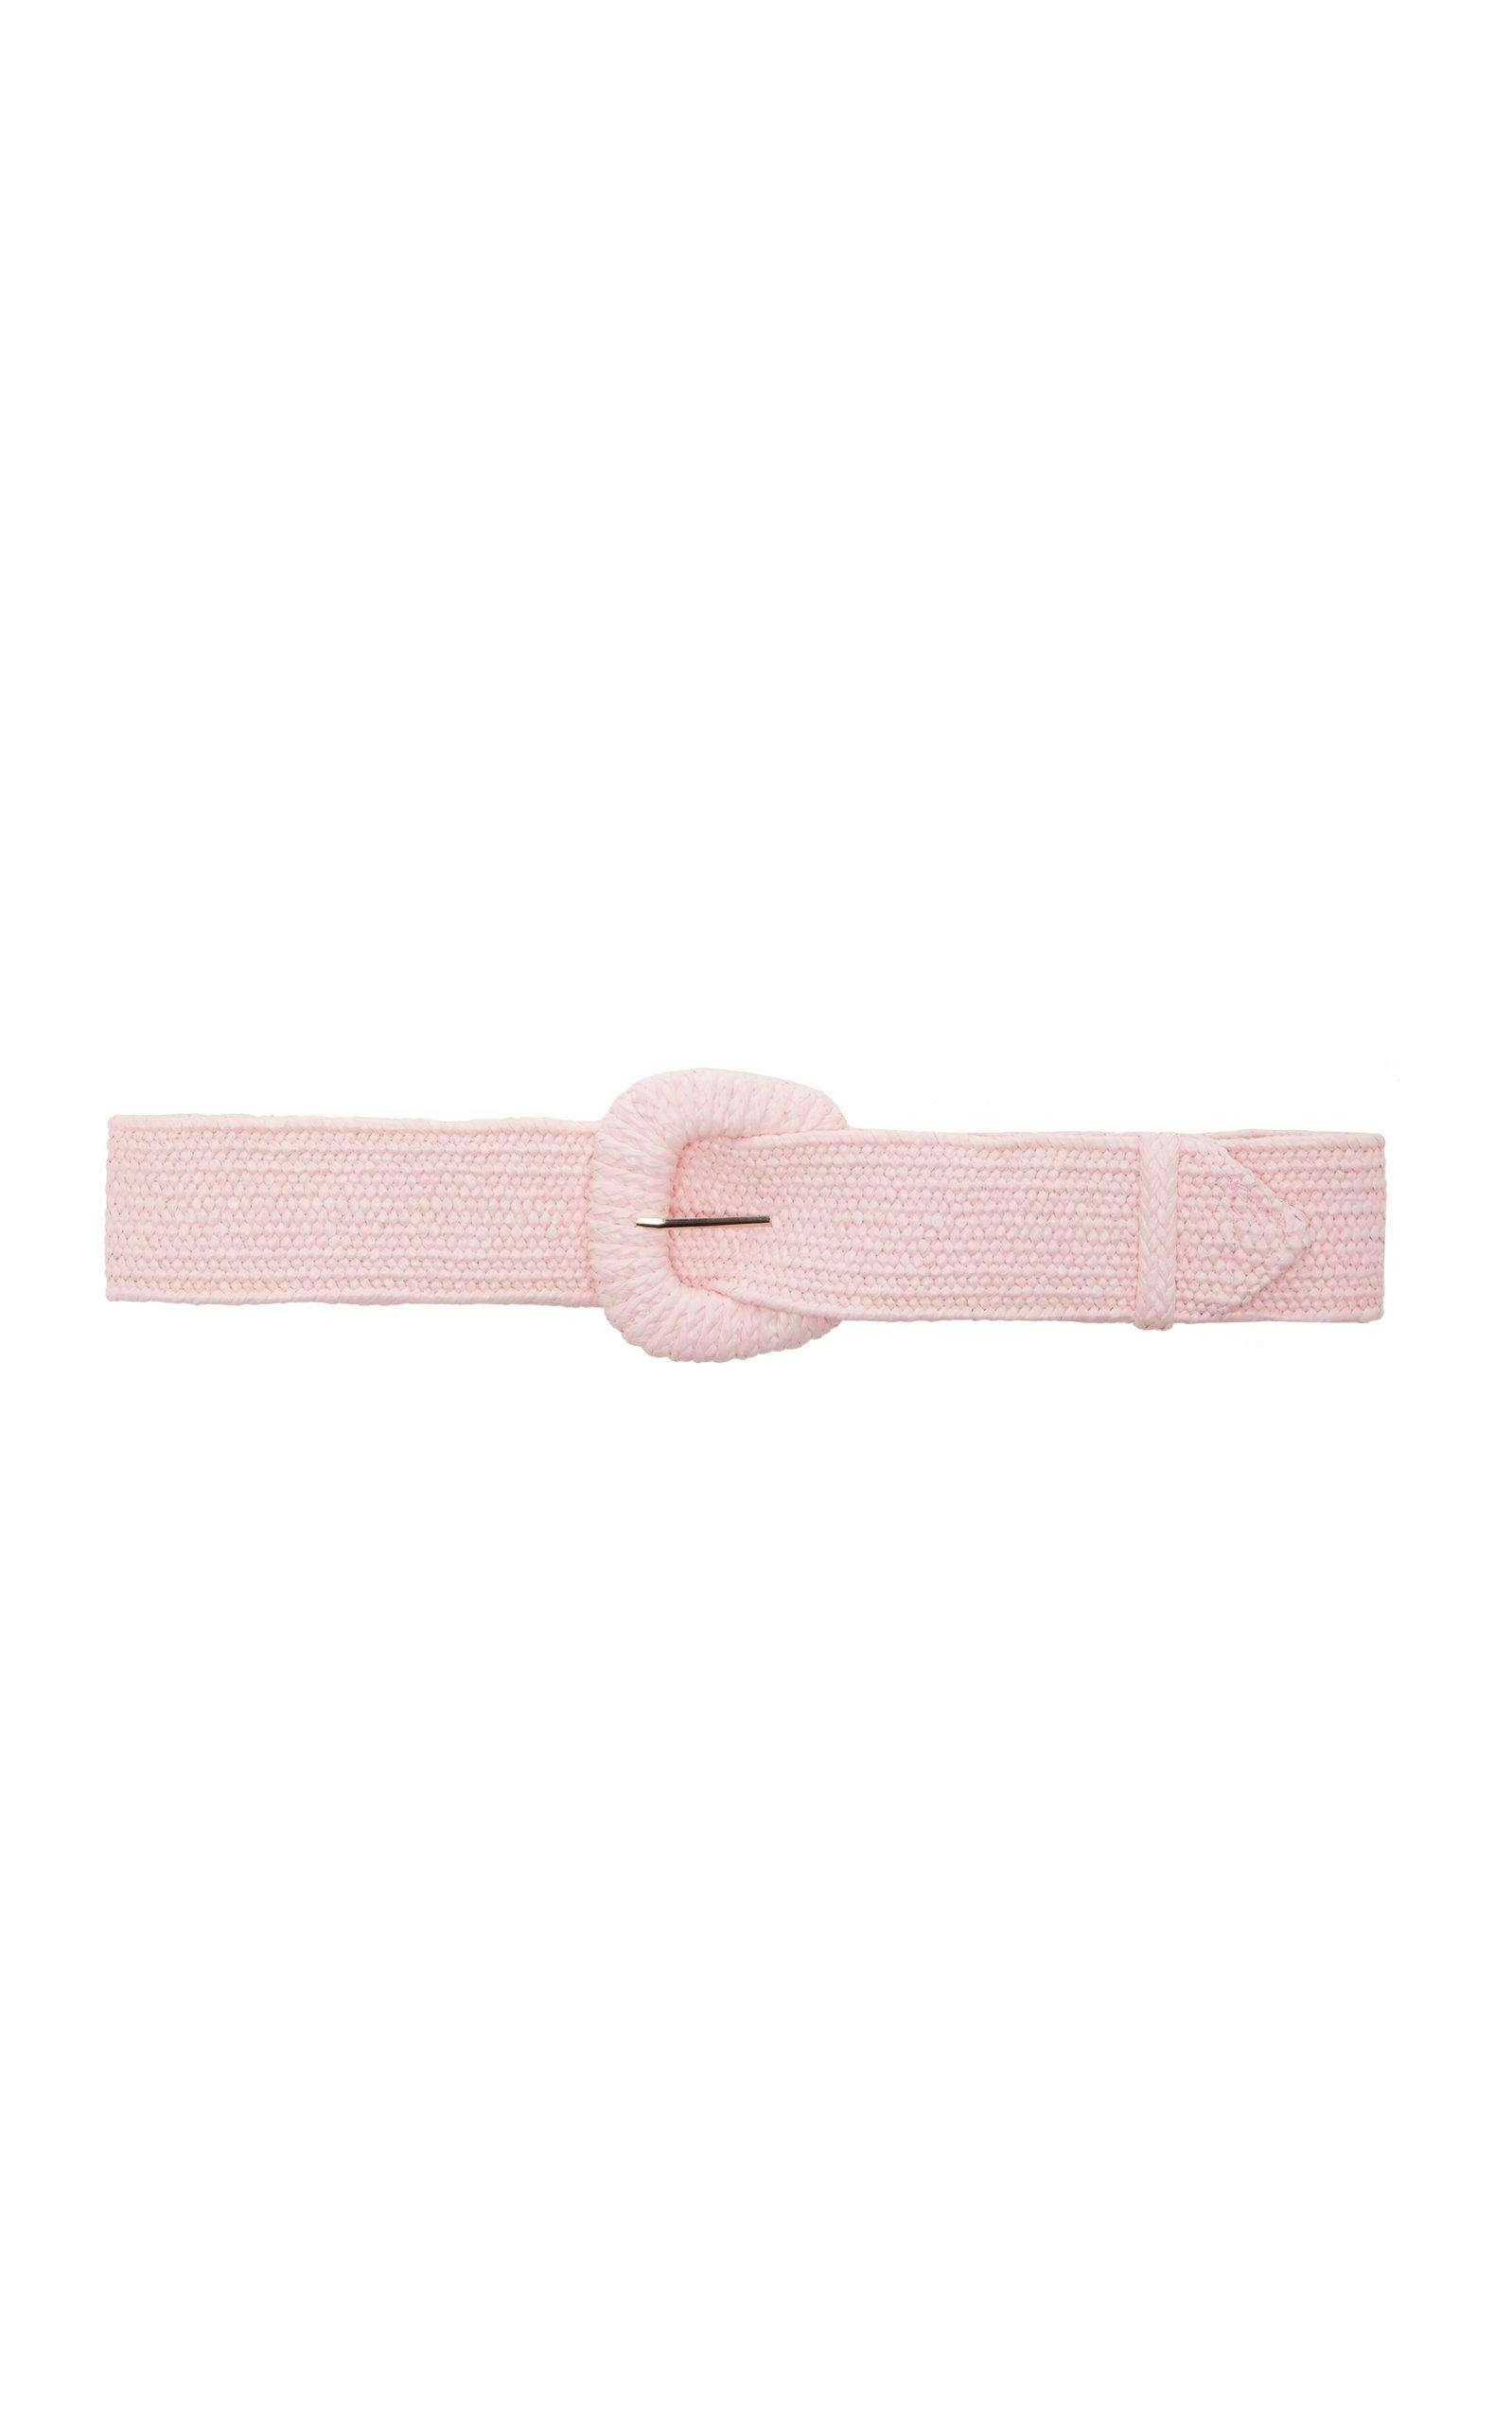 Resort Wear Finds Under $100: Pink Raffia Belt | Rhyme & Reason